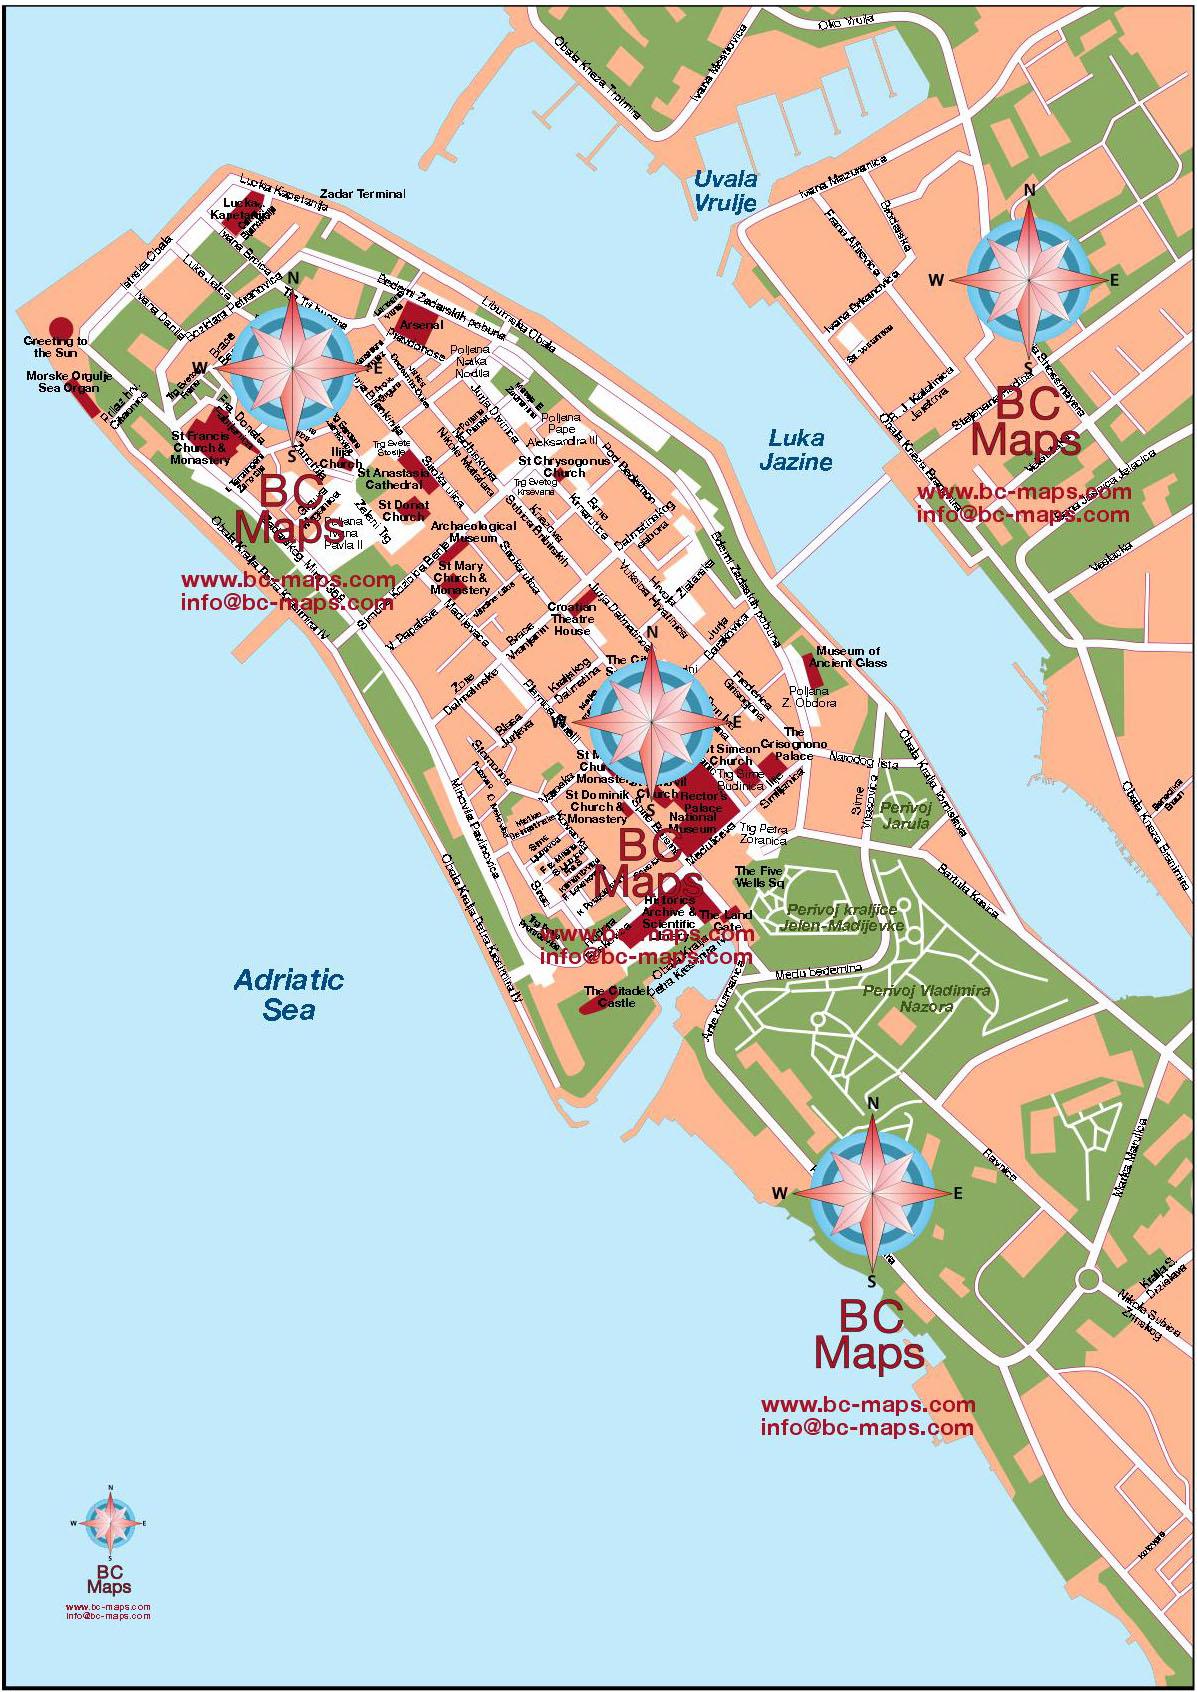 Mapa Vectorial Illustrator De Zadar Croacia